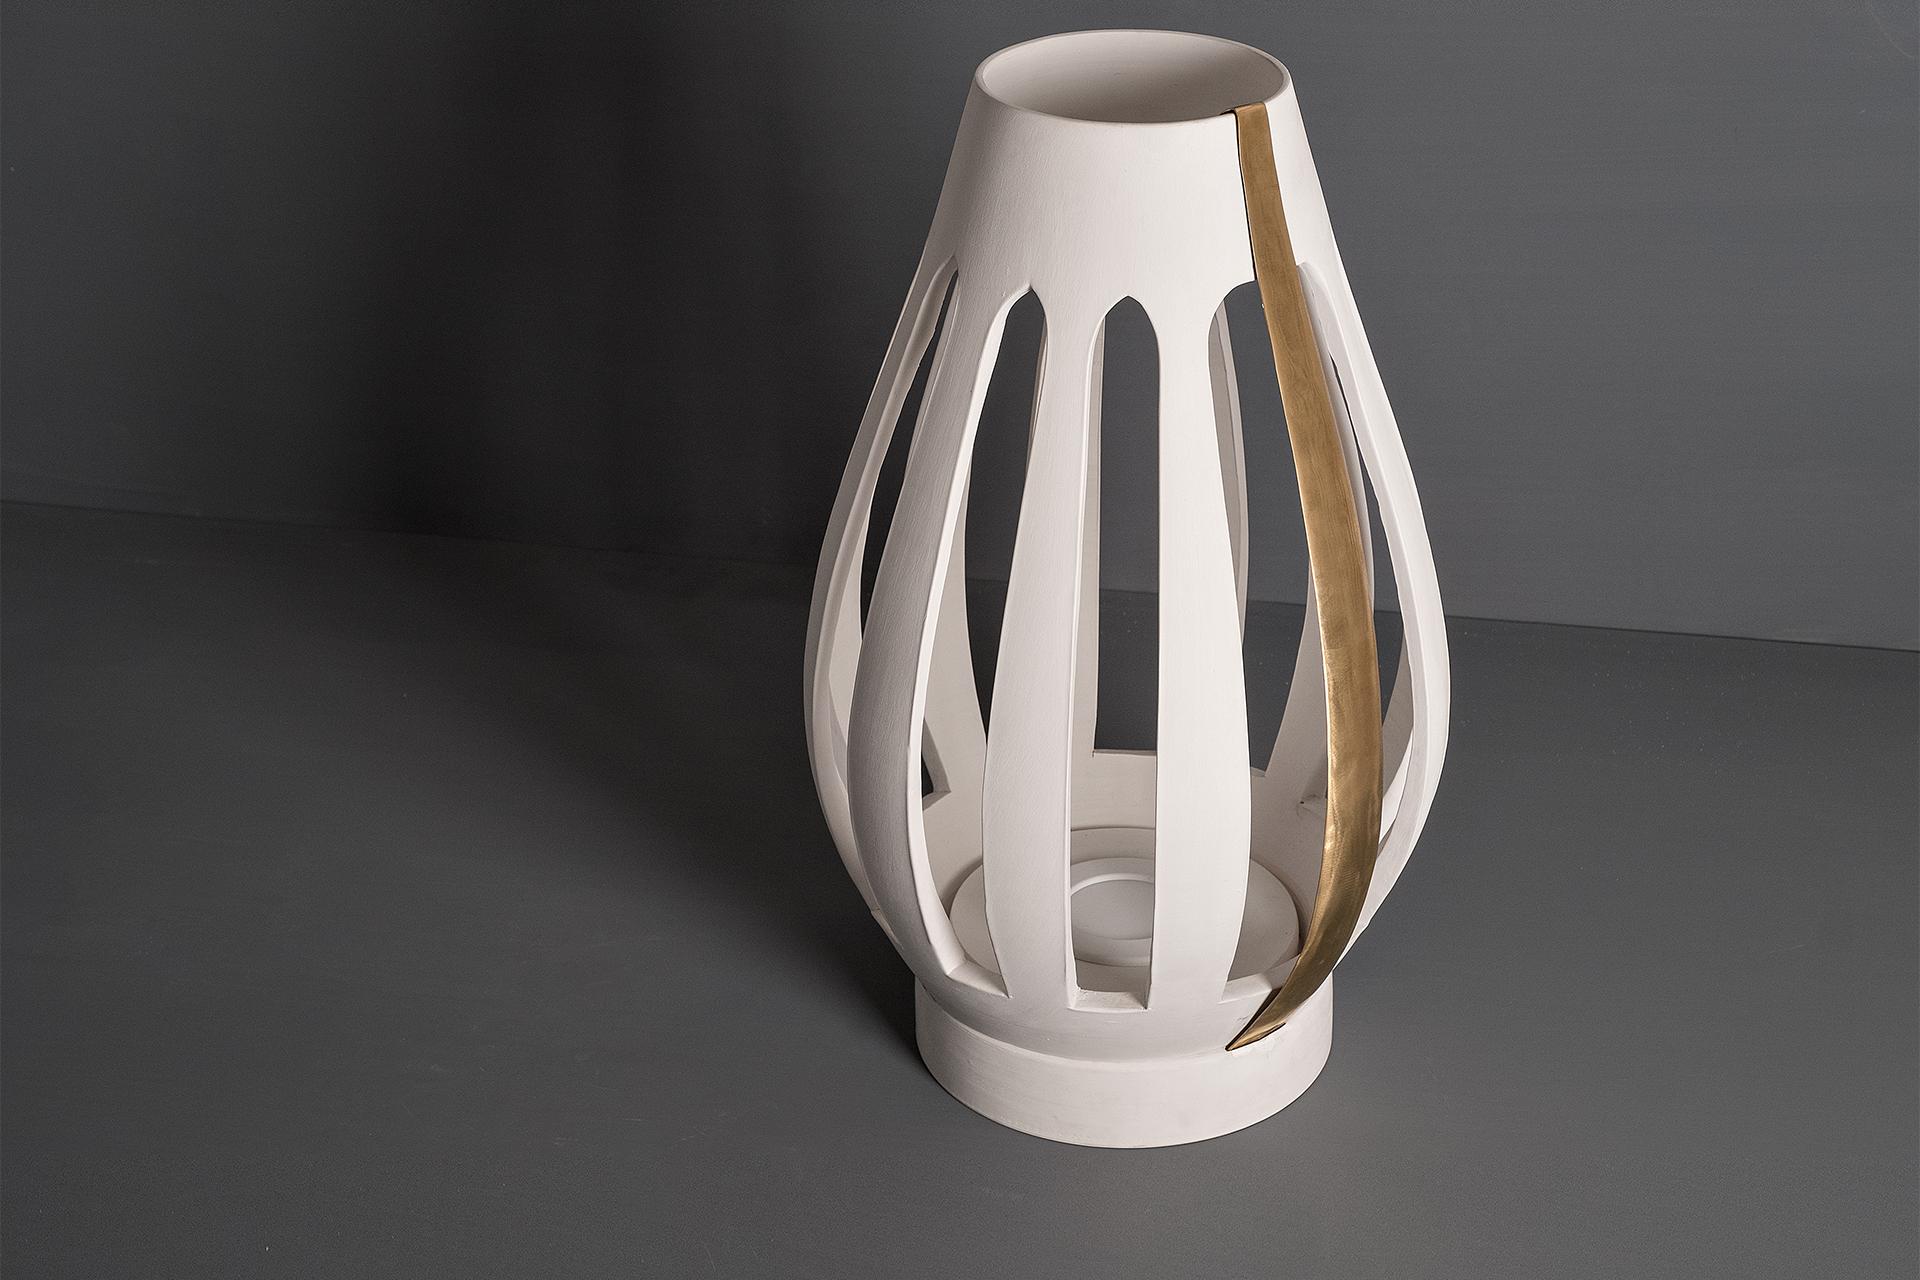 Lampada da terra Spira, realizzata artigianalmente da Lungomare design in argilla bianca, rossa e cristallina e inserti in ottone o in ferro